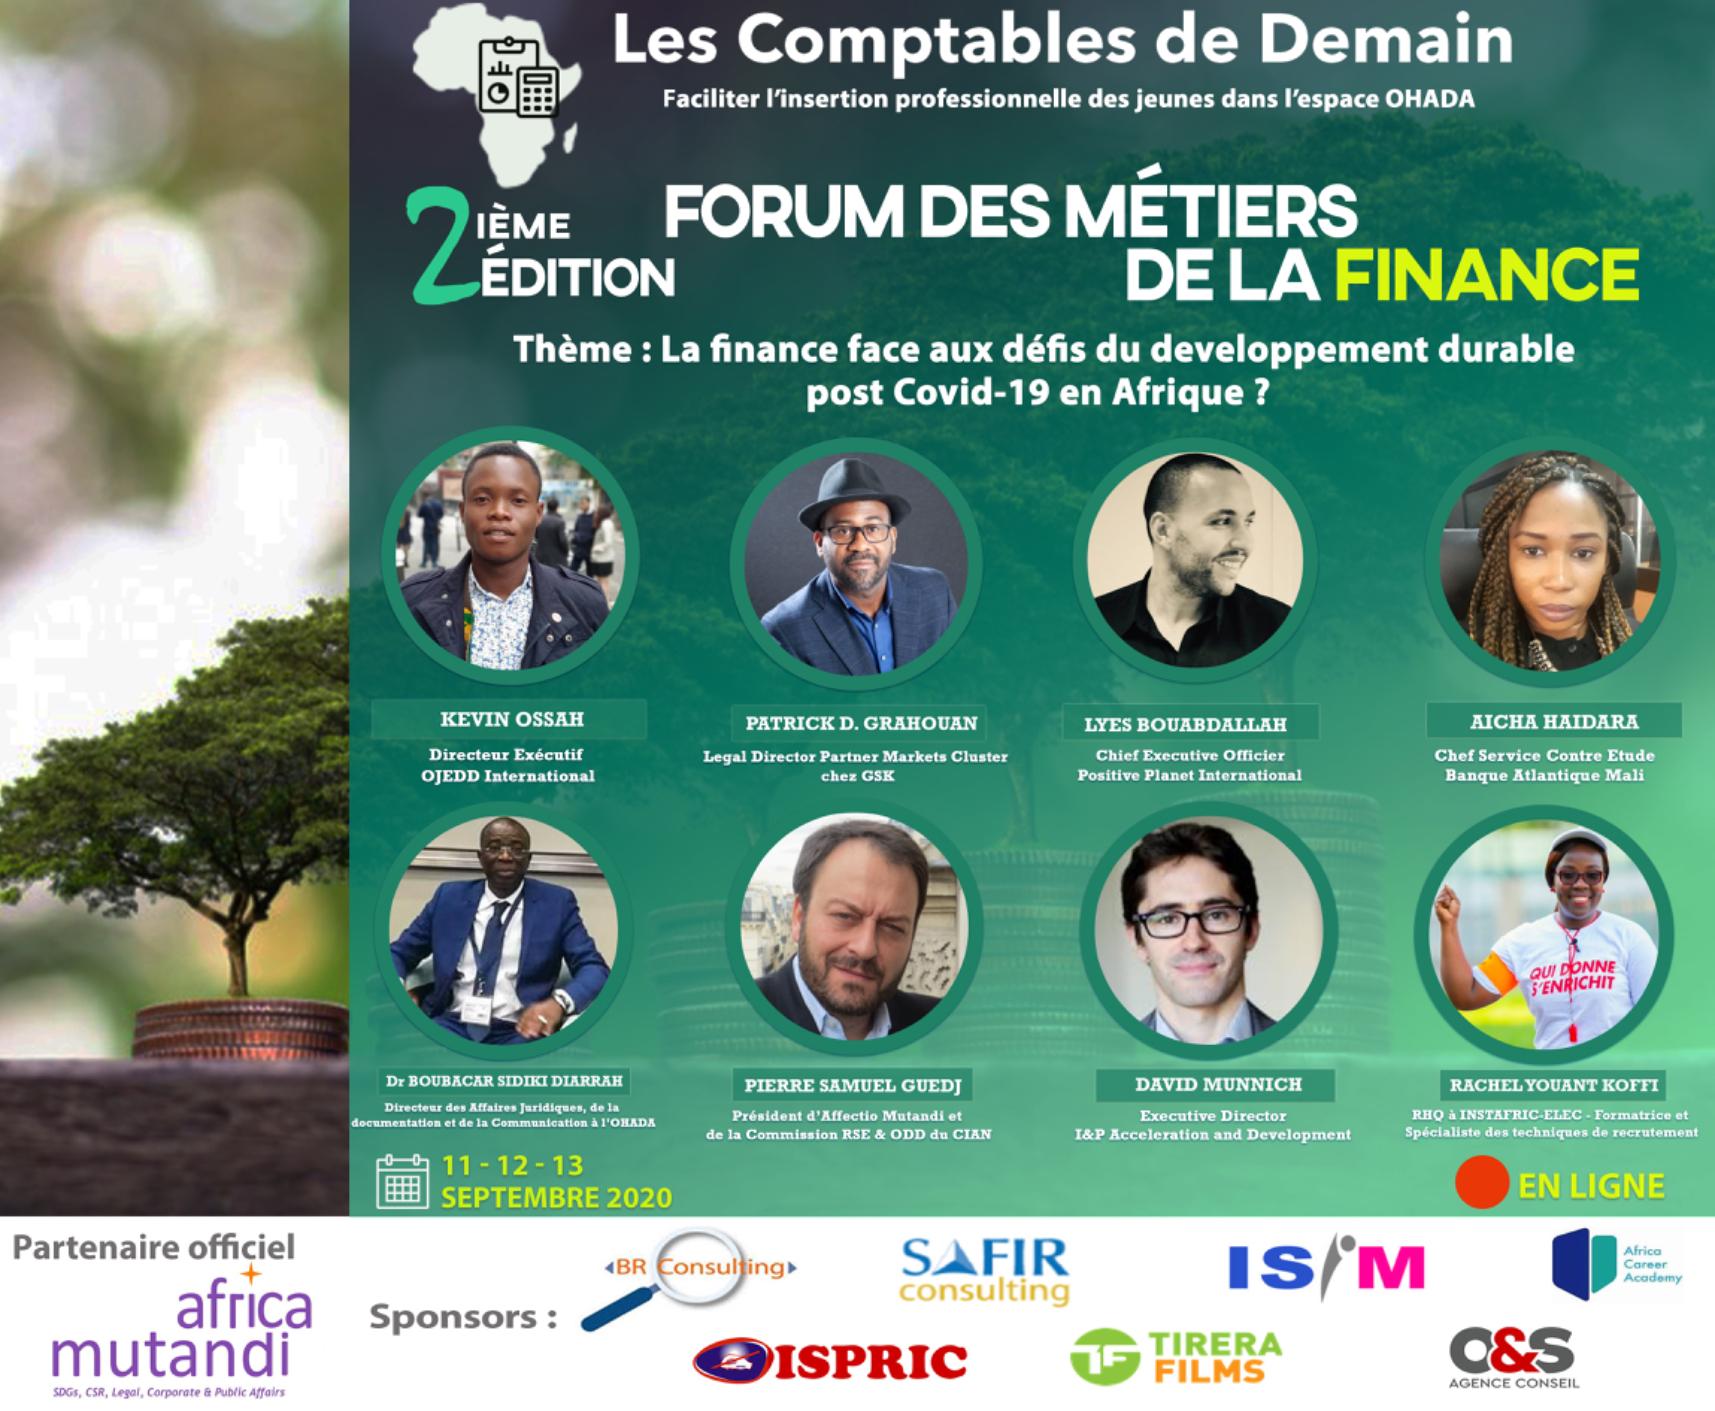 Forum 2020 des comptables de demain : La Finance face aux défis du développement durable post Covid-19 en Afrique ?